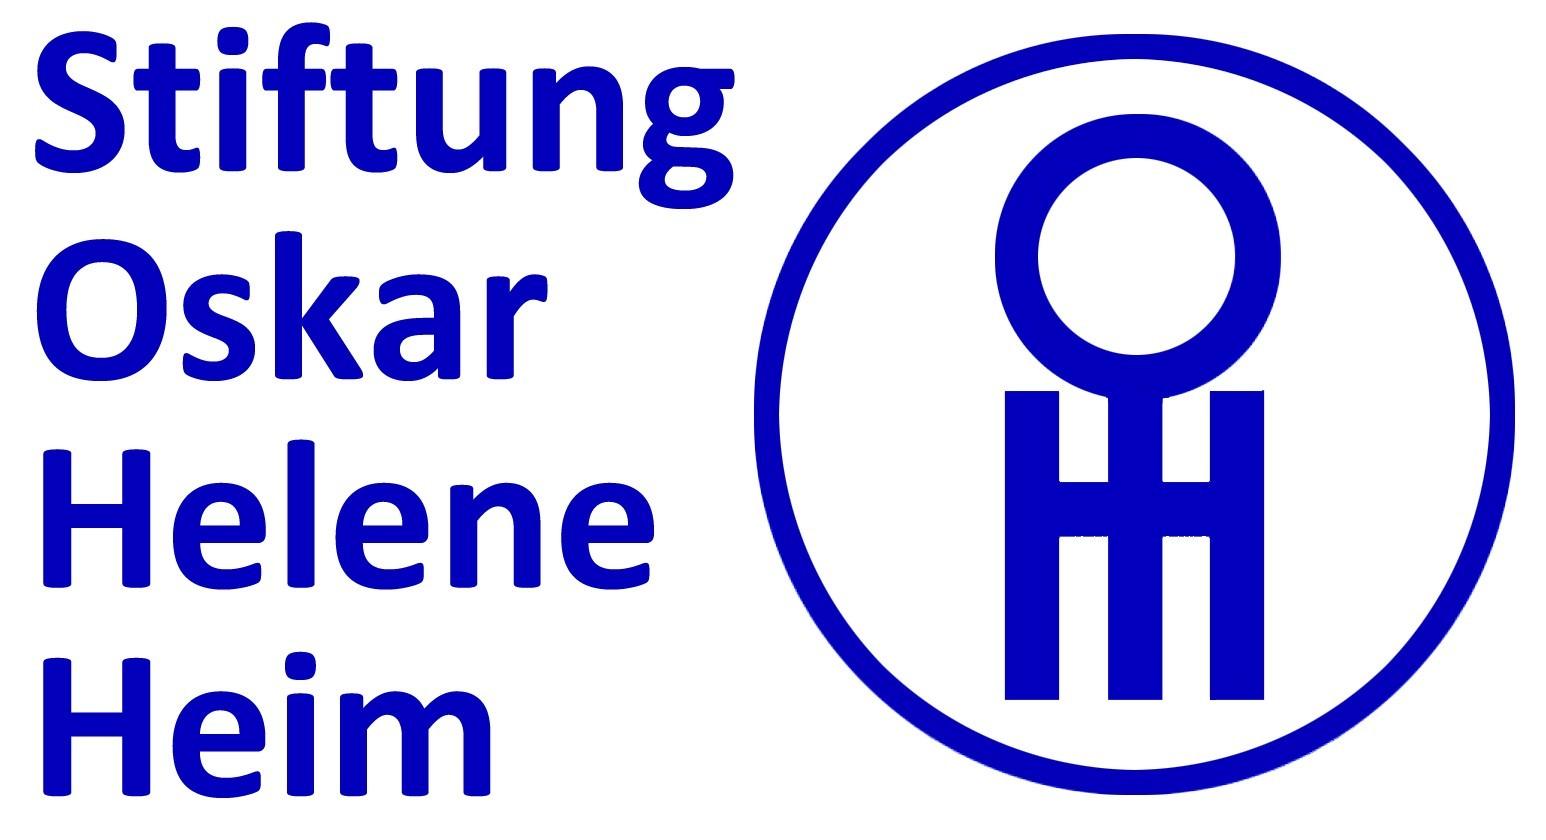 Stiftung Oskar-Helene-Heim